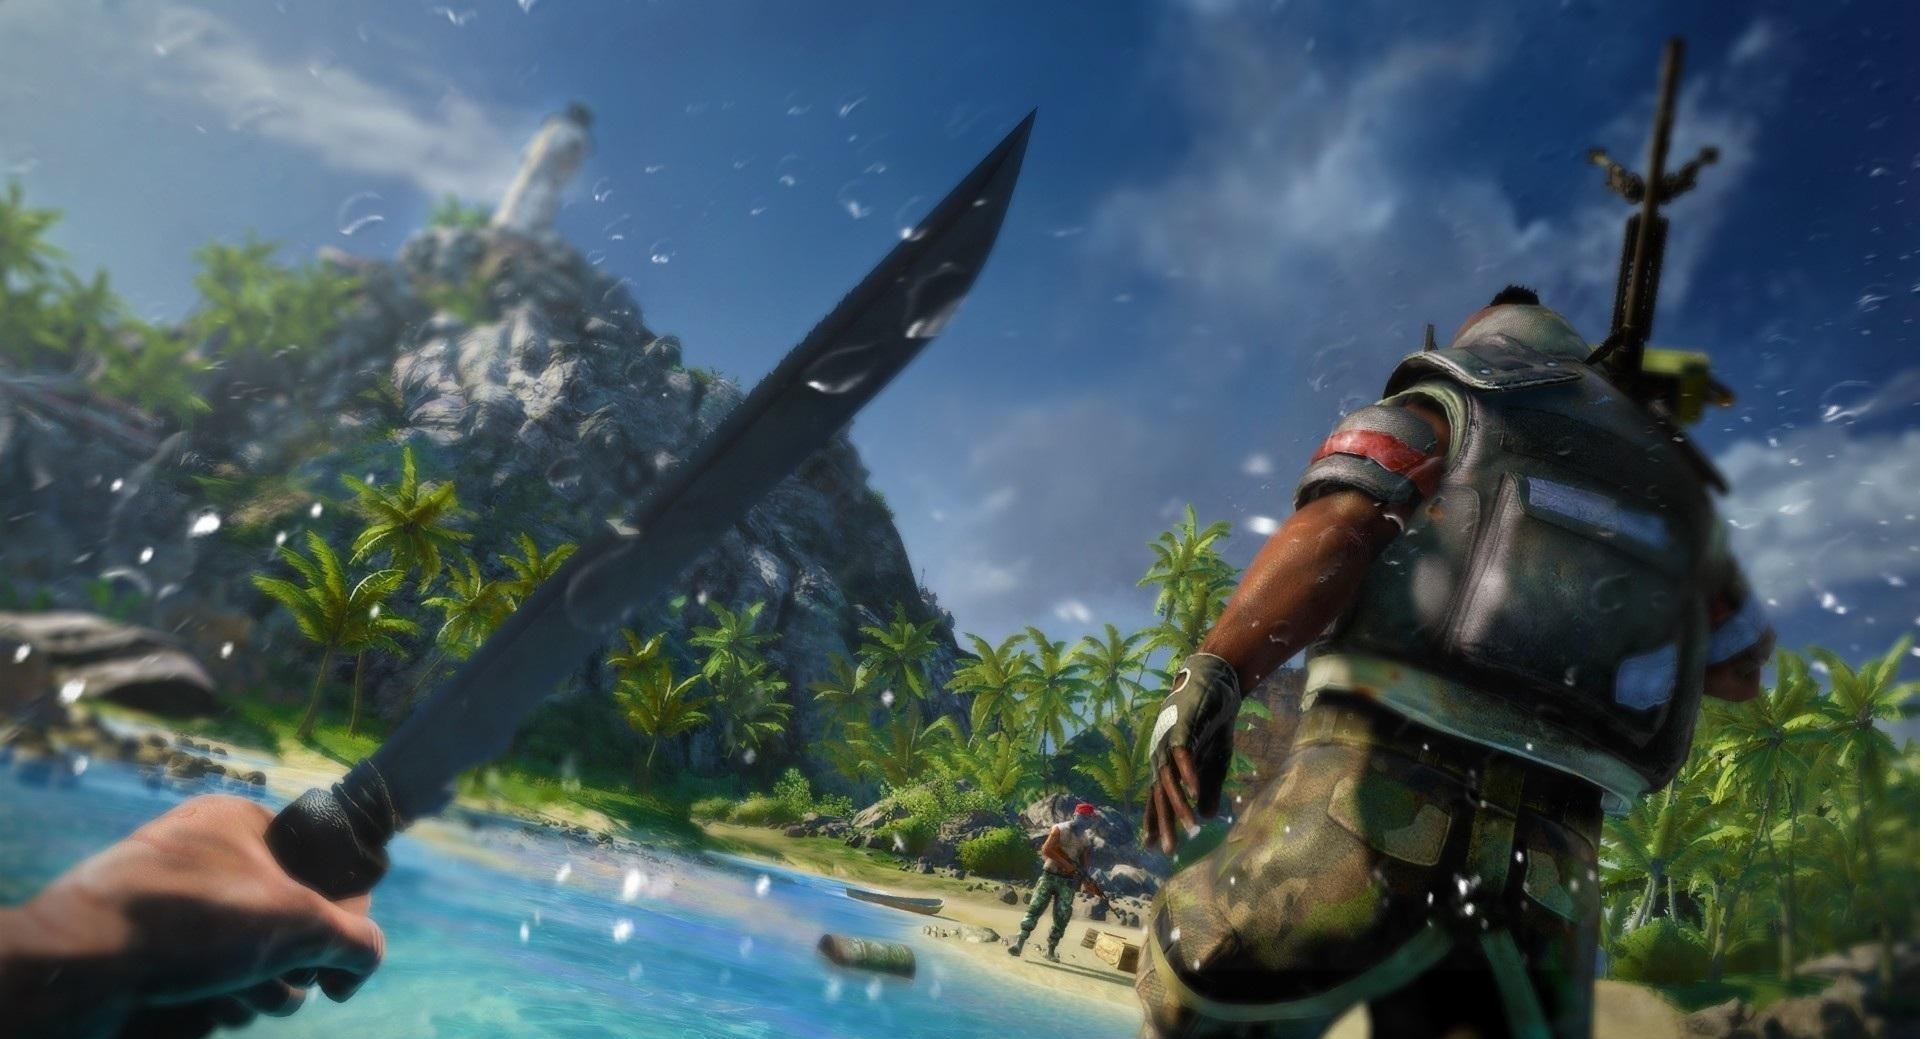 孤岛惊魂3(far cry 3) - 游戏图片   图片下载   游戏